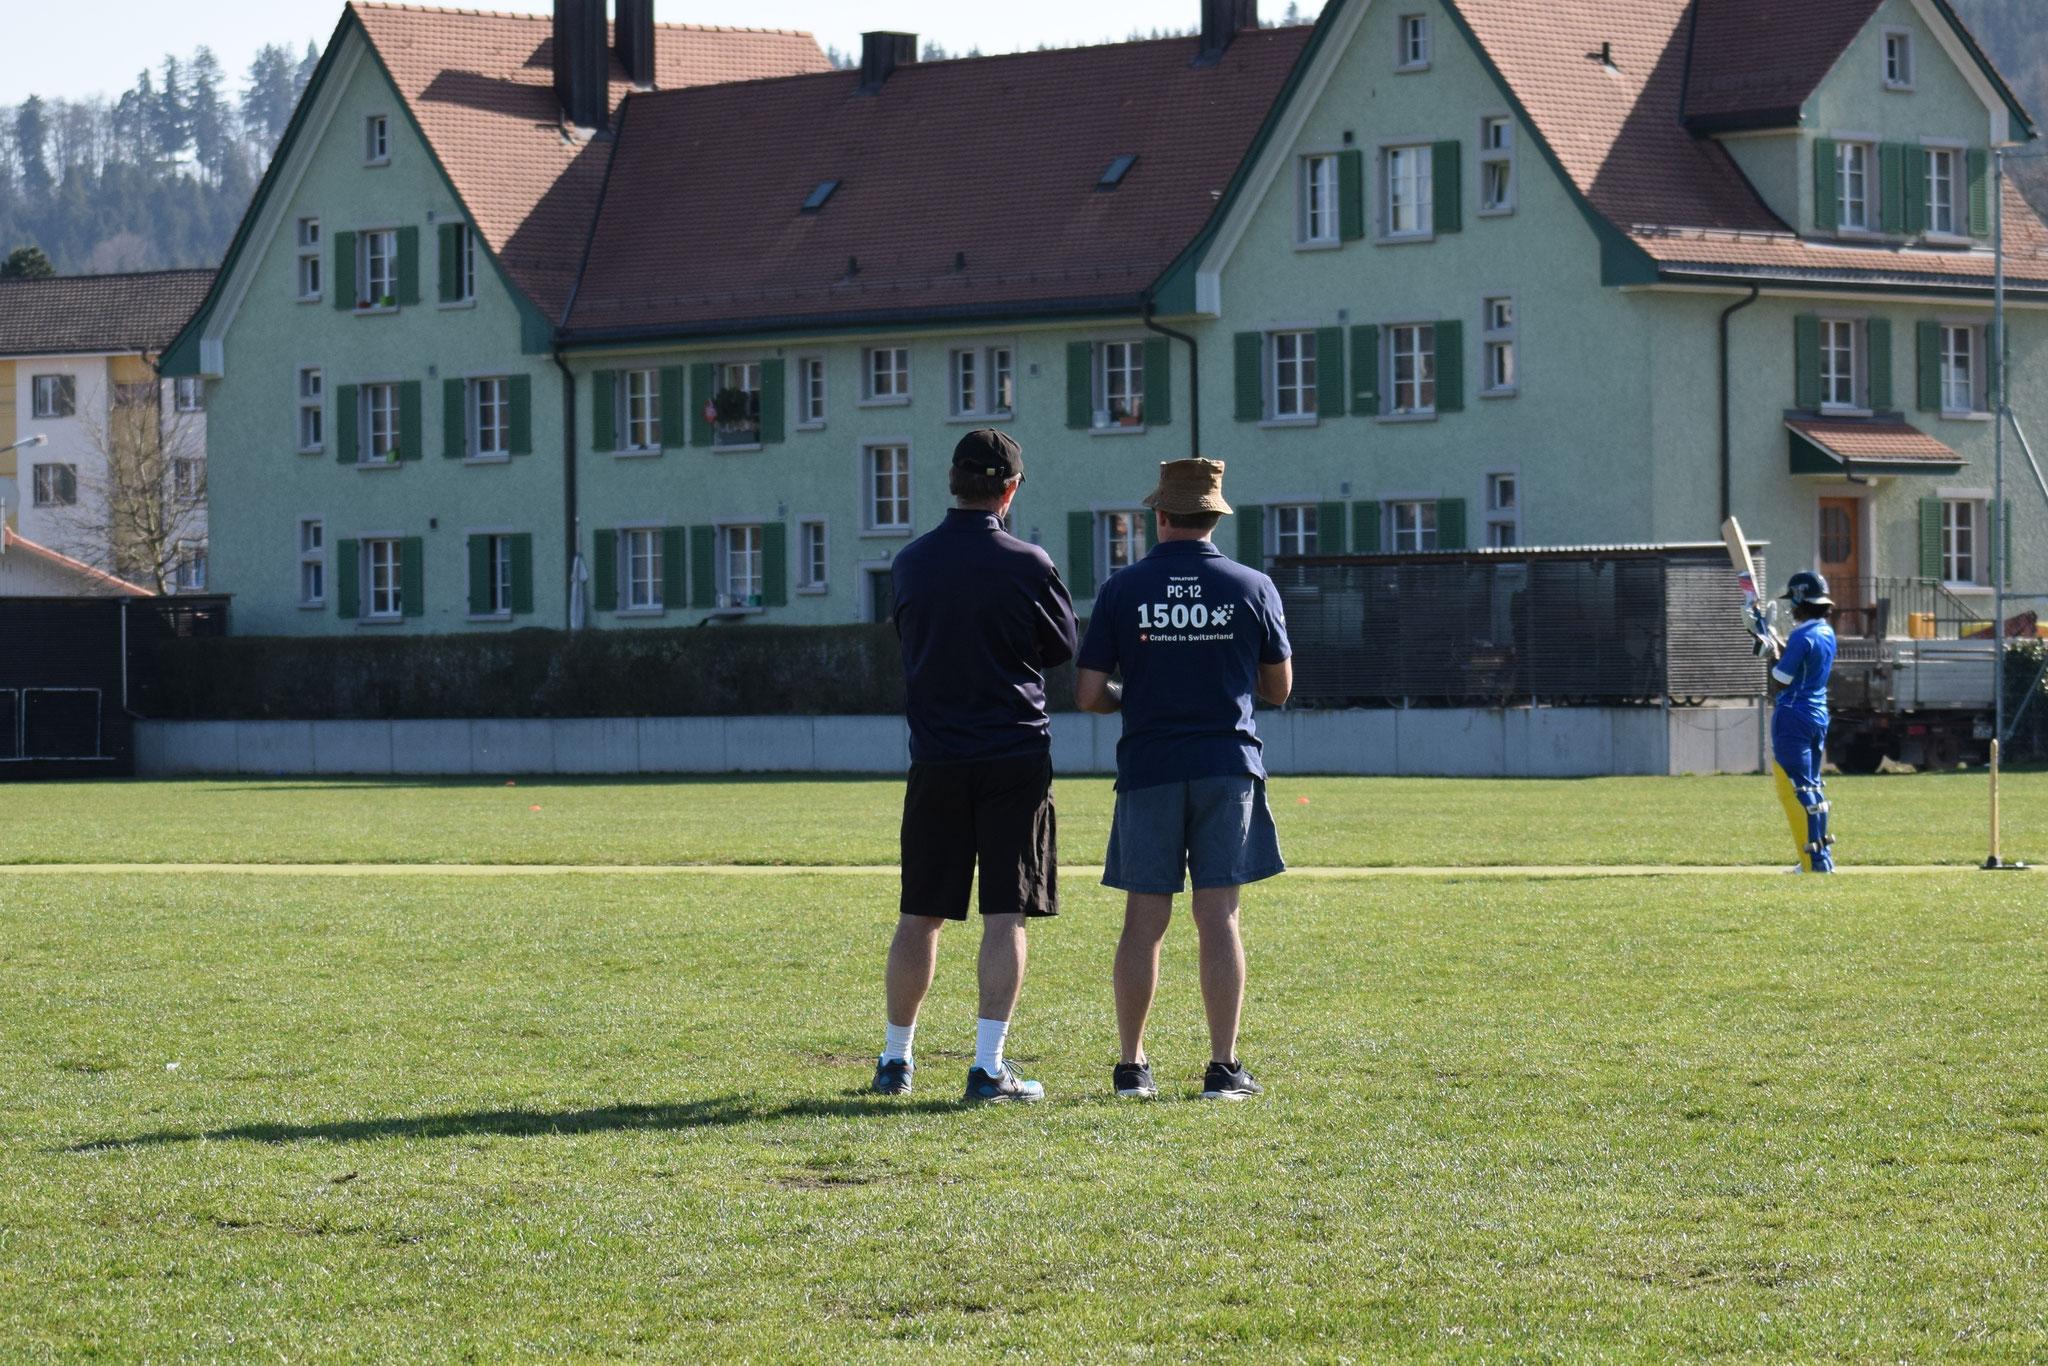 Umpiring and coaching at Deutweg 2020